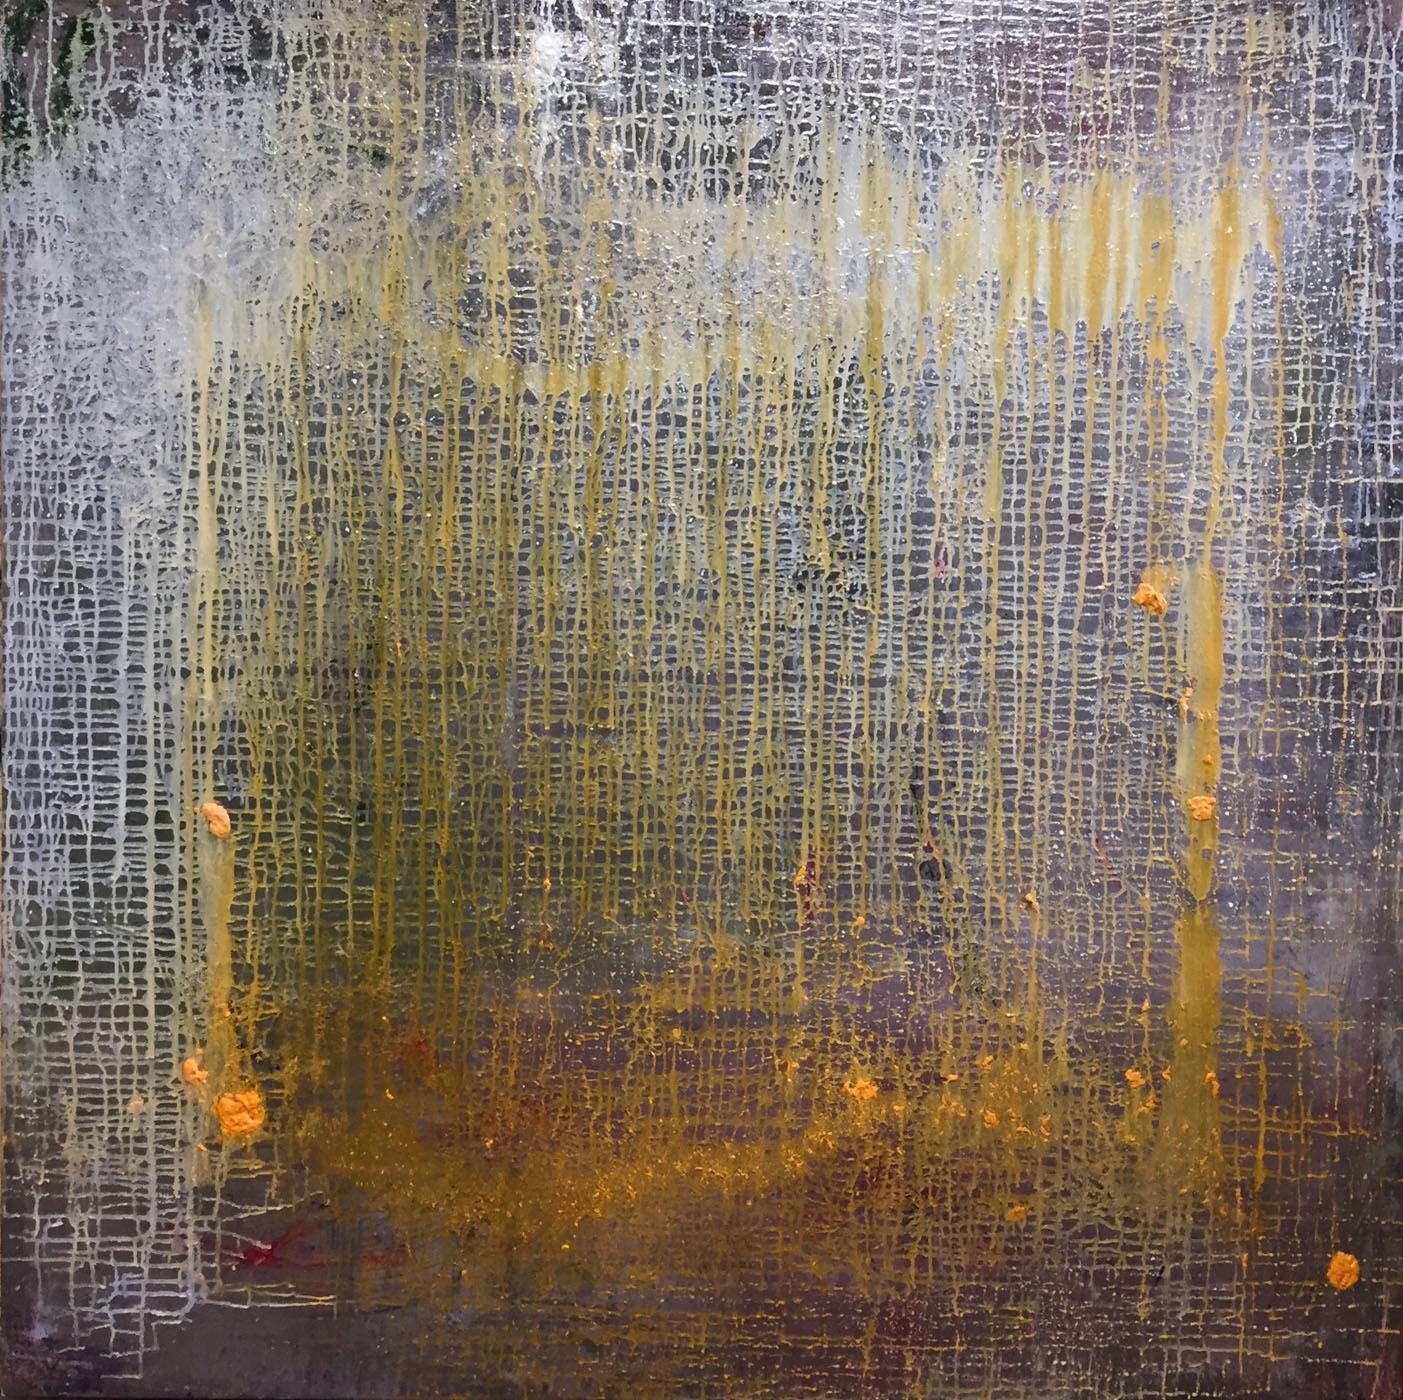 MARC FELD 2020 BALLAST Huile et acrylique sur toile 150 x 150 cm